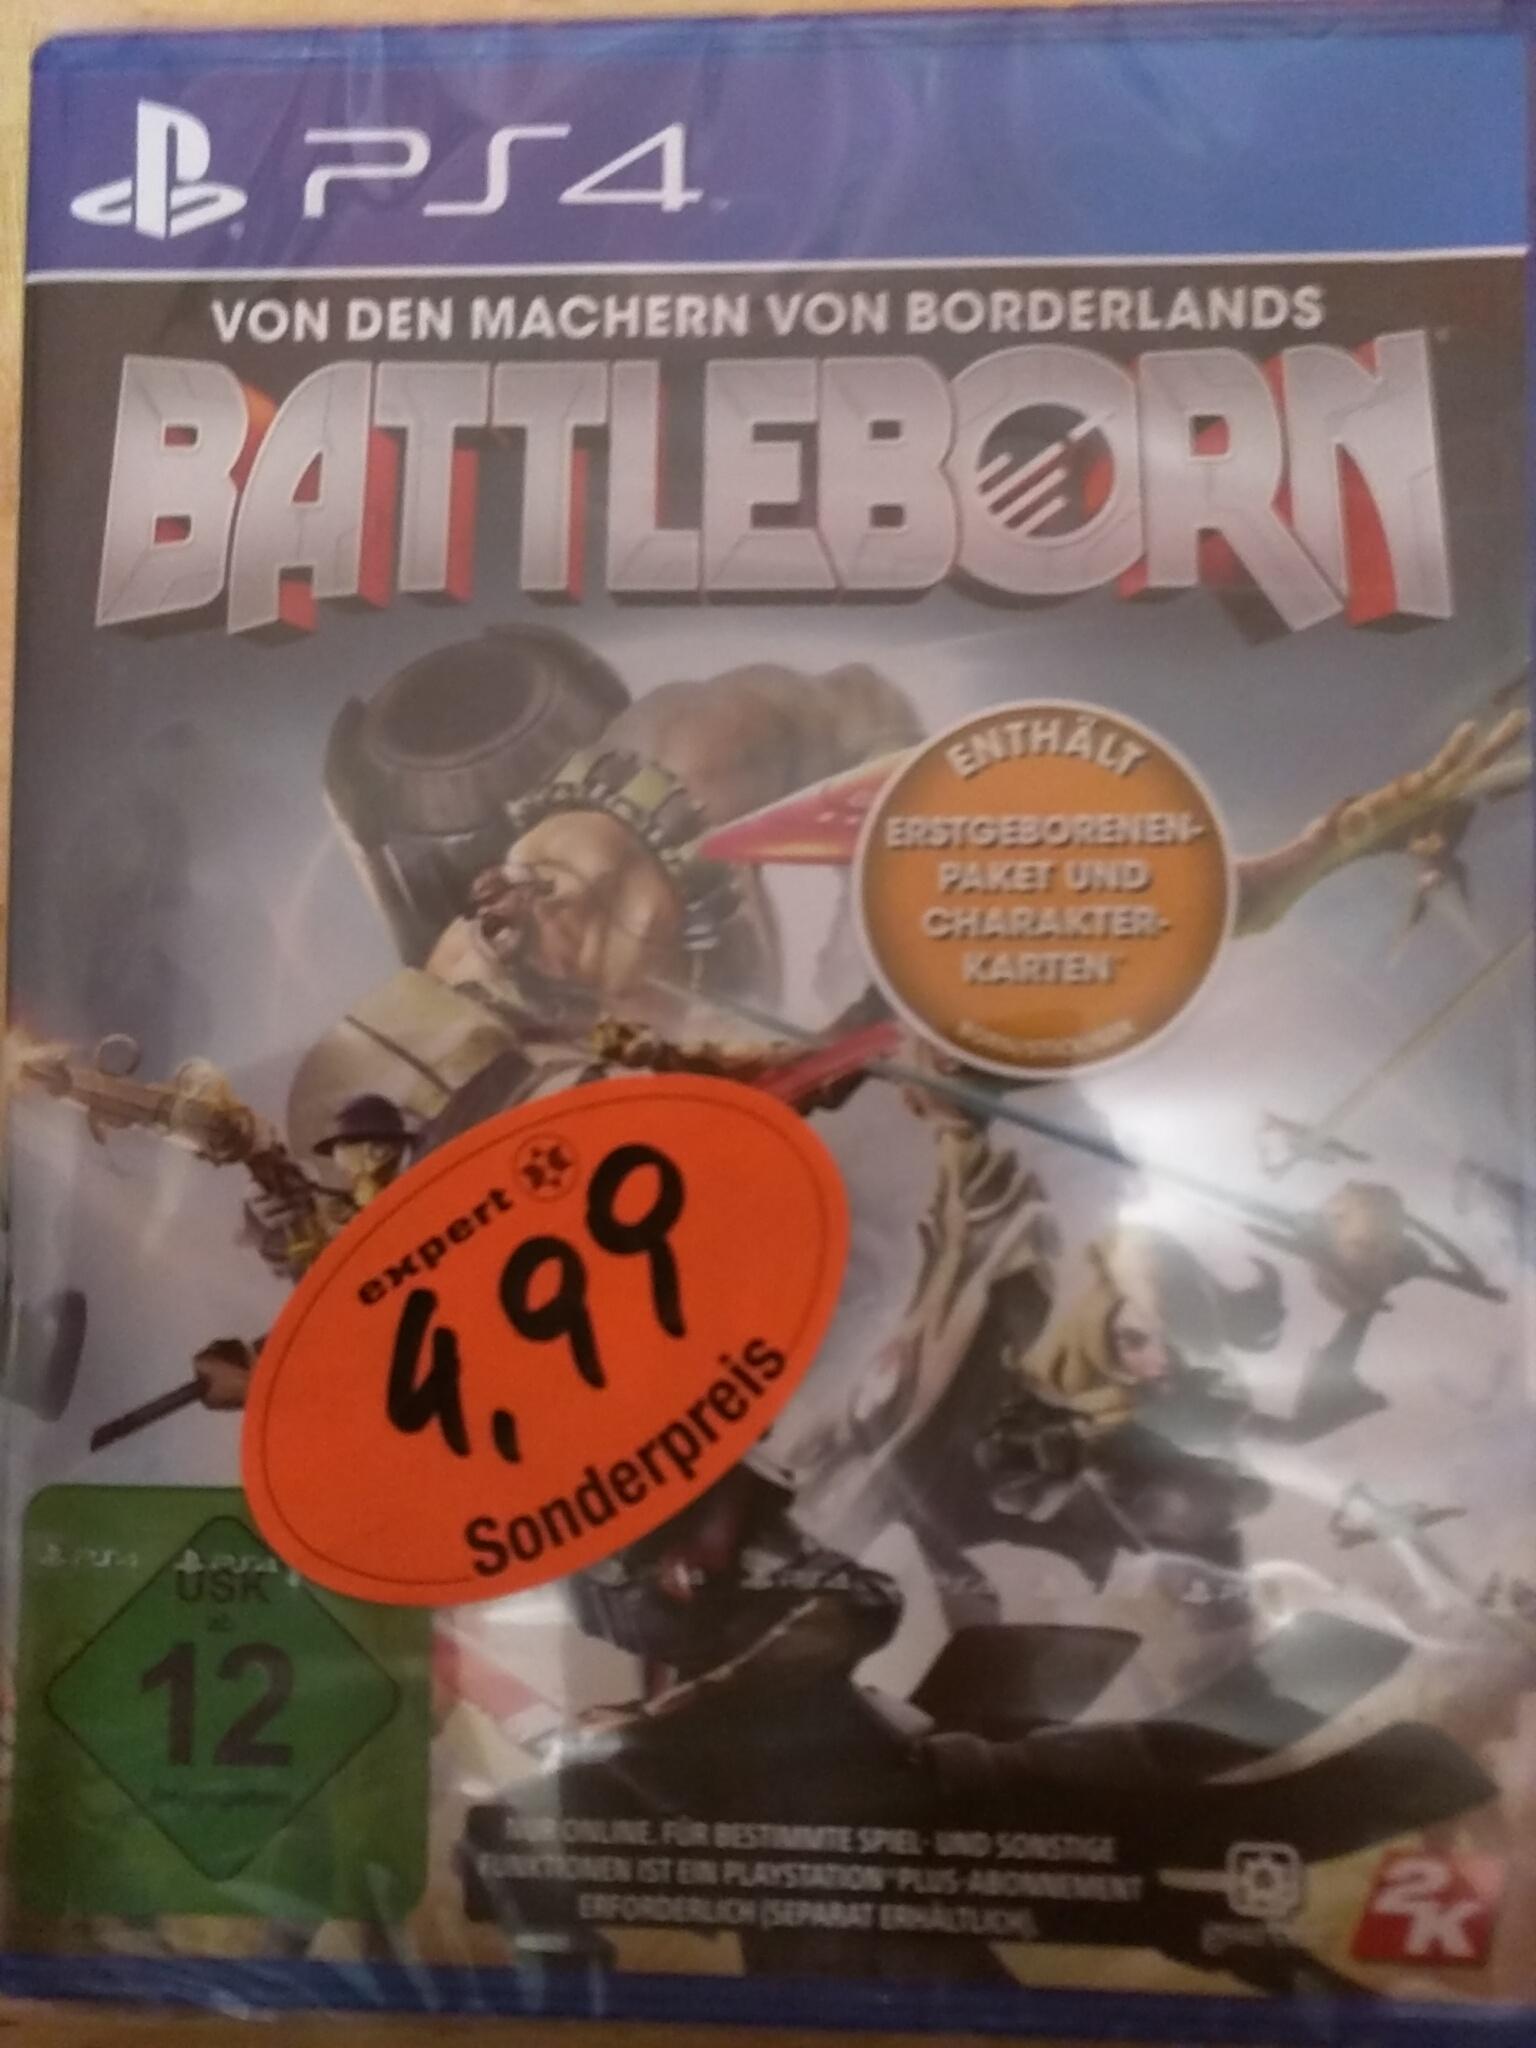 BATTLEBORN PS4 Expert Laatzen (eventuell Bundesweit??? )